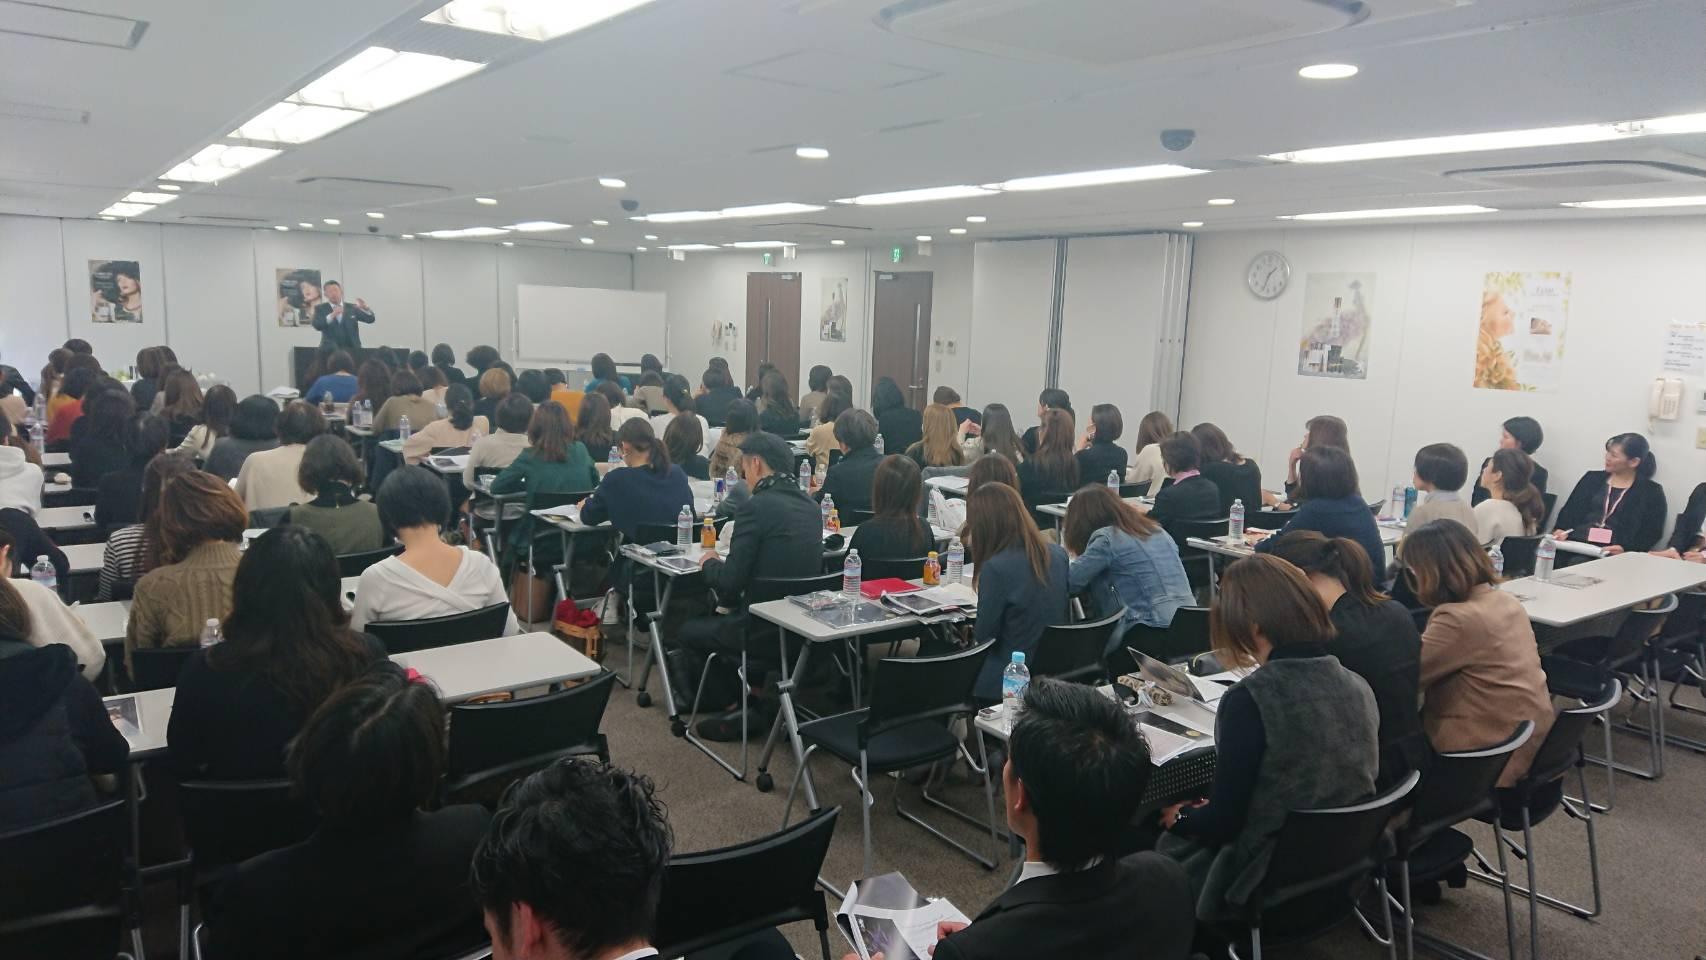 【満員御礼】リアボーテグランスキン講習会in東京